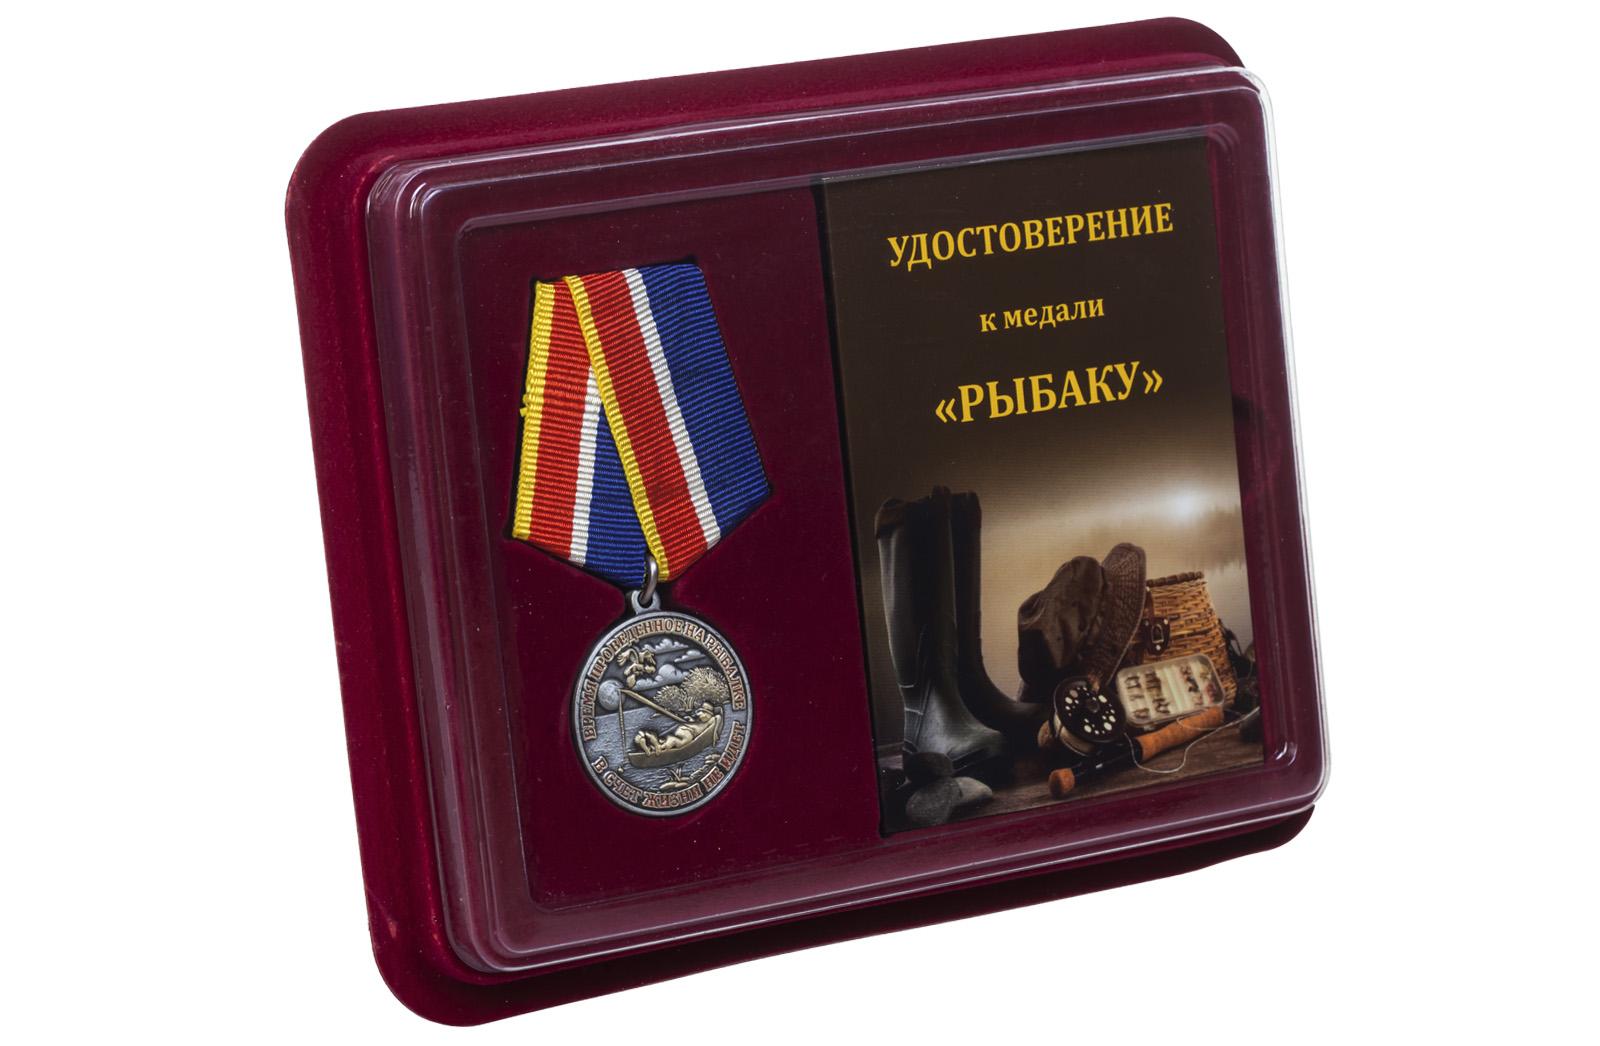 Купить сувенирную медаль Рыбаку в подарок мужчине